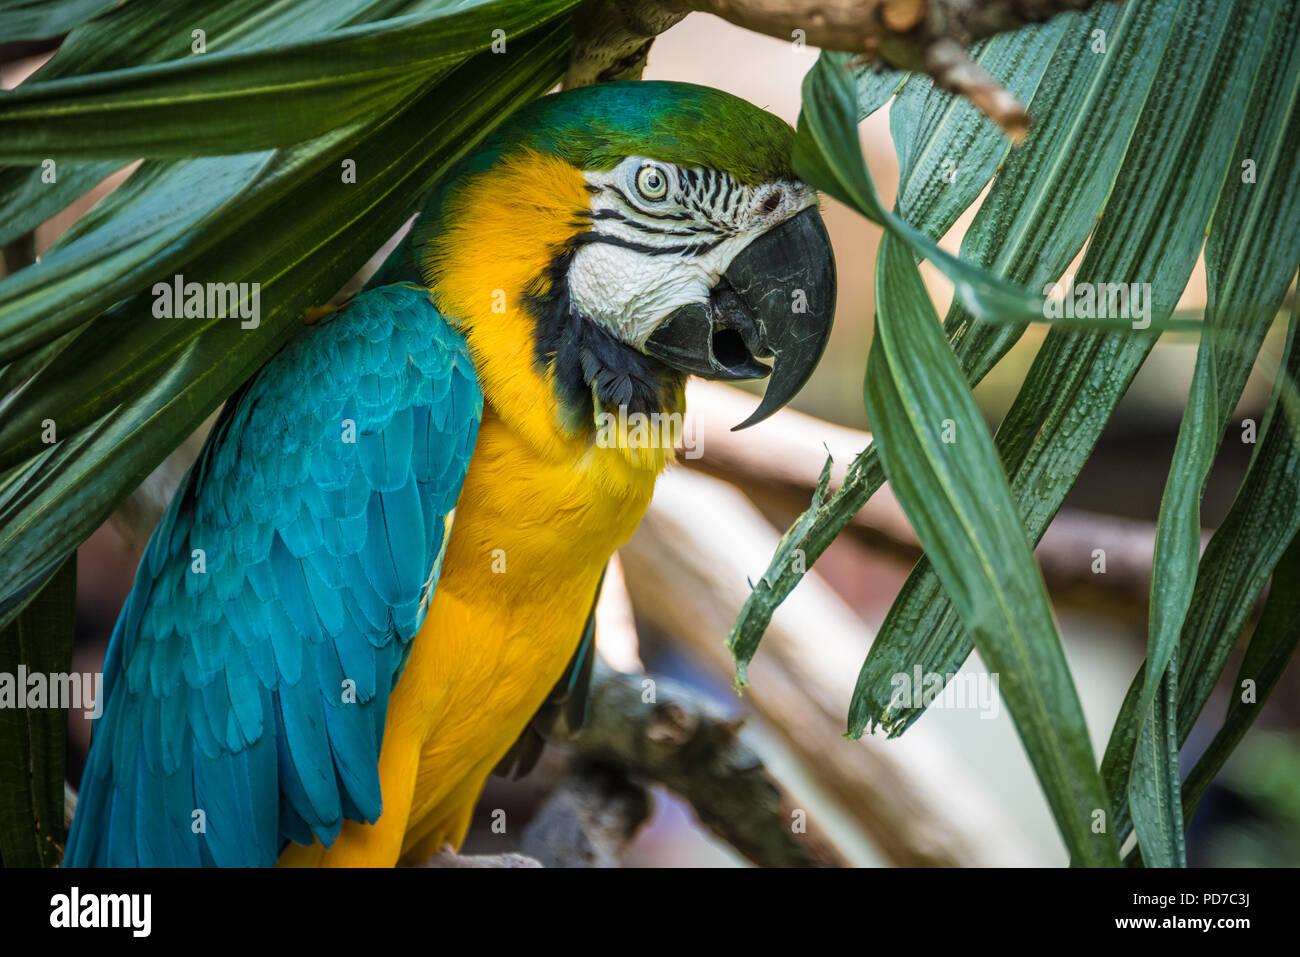 Una colorata blu-giallo macaw (noto anche come un blu e oro macaw) al Sant'Agostino Alligator Farm Zoological Park di sant'Agostino, FL. (USA) Immagini Stock